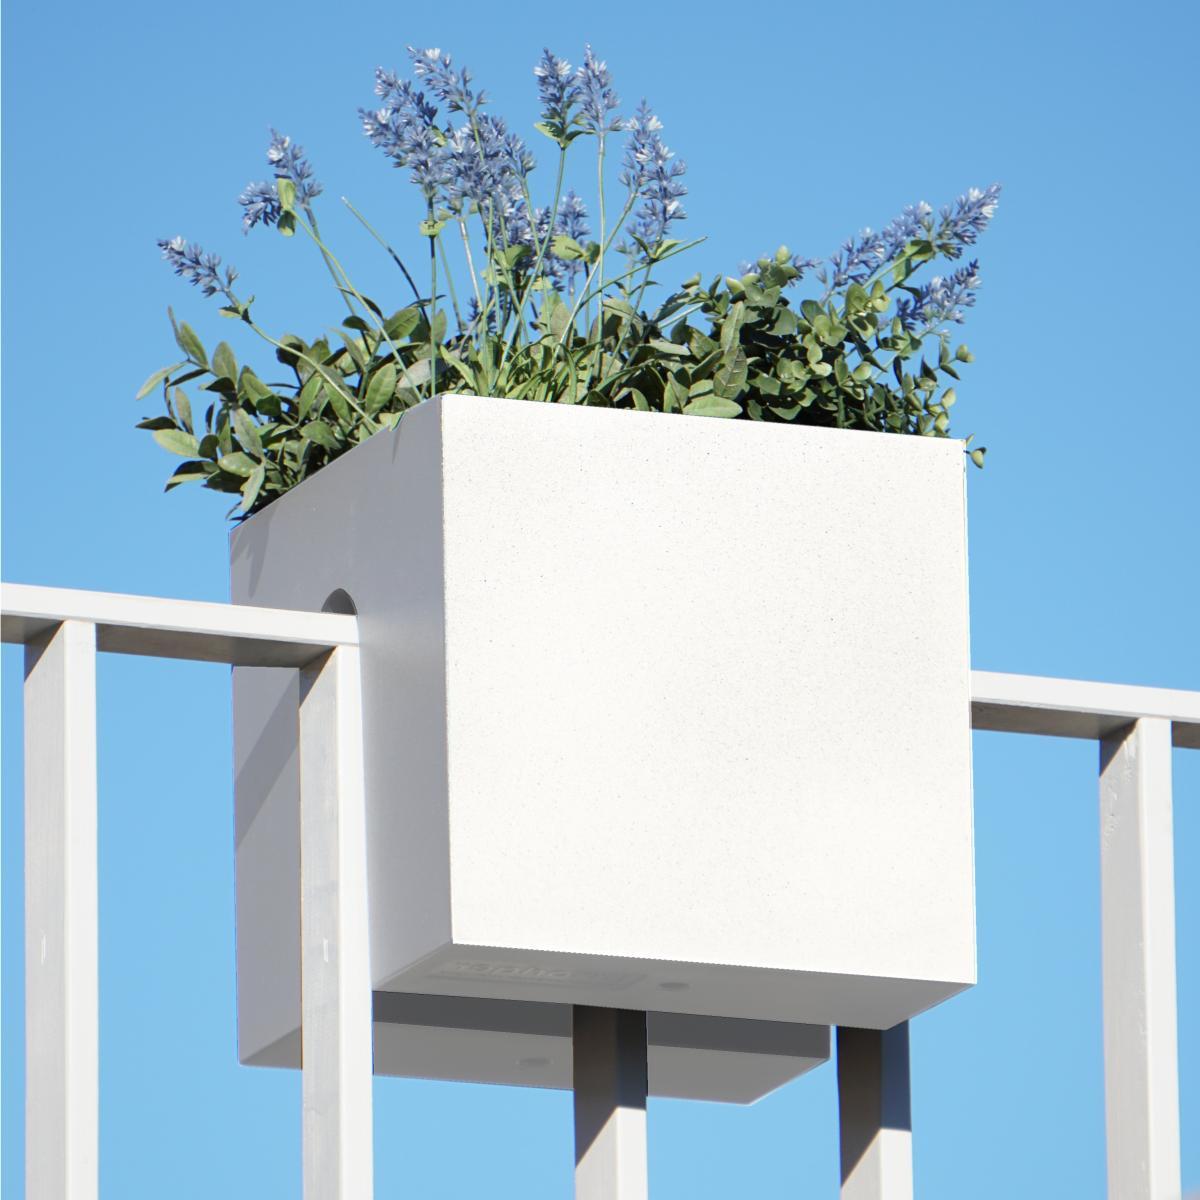 STECKLING CUBE Balkon Pflanzgefäß in weiß